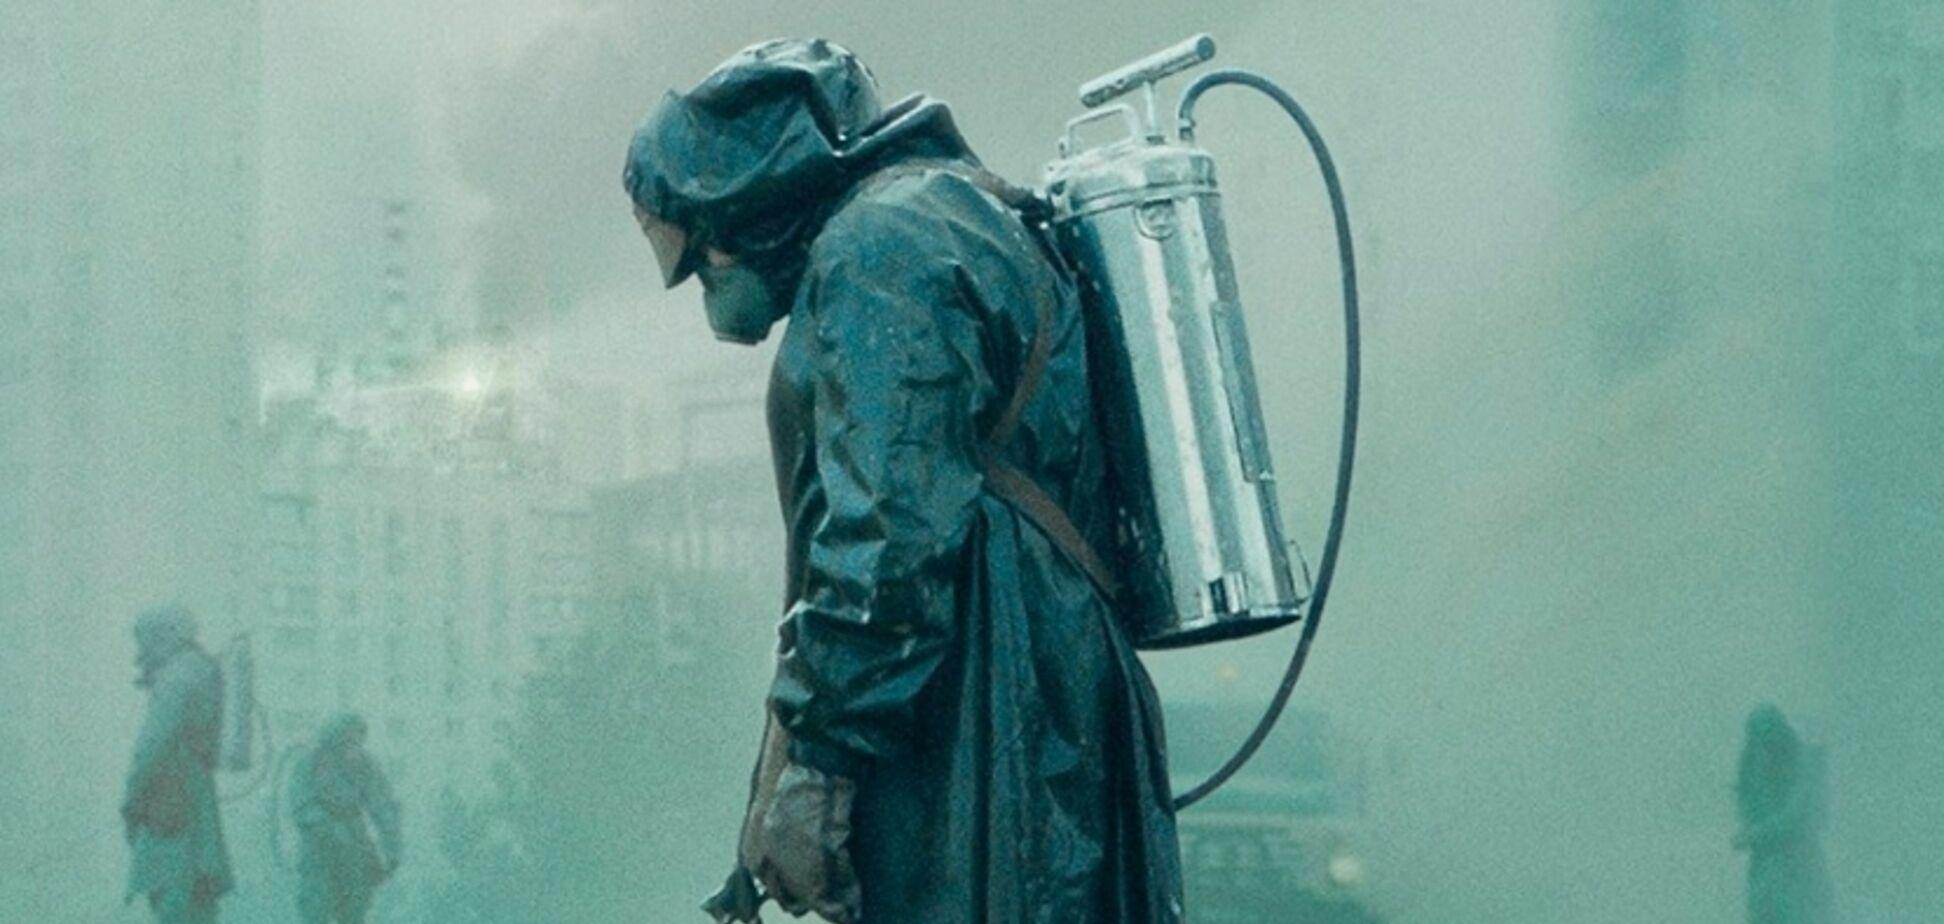 Для фанатов 'Чернобыля' от НВО: какие фильмы посмотреть об аварии на ЧАЭС